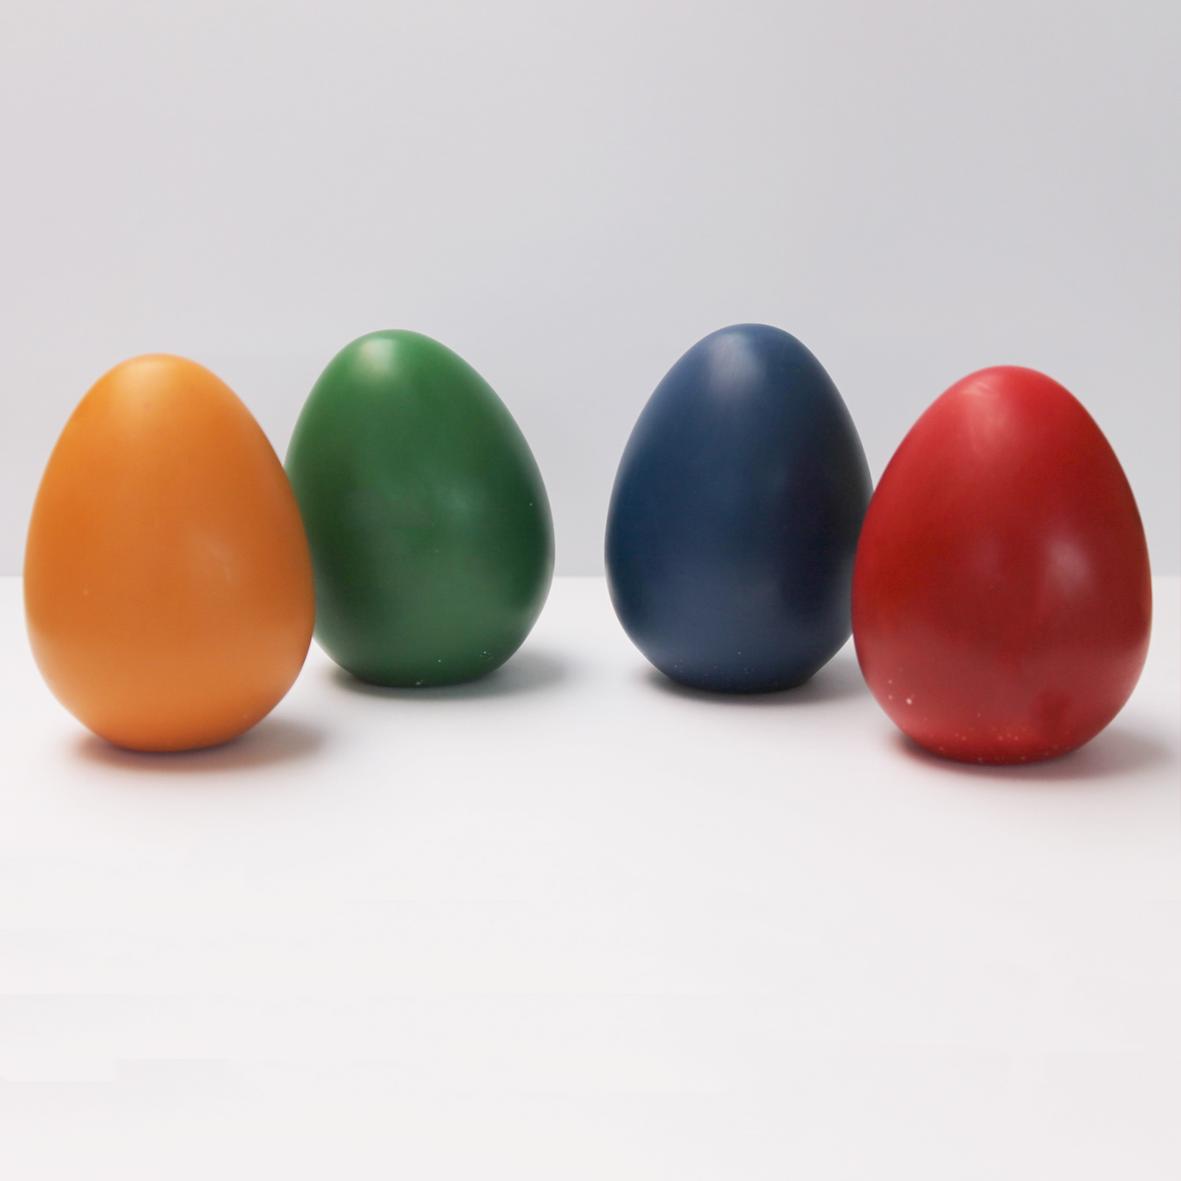 Orgonite Easter Eggs from Orgonise Africa